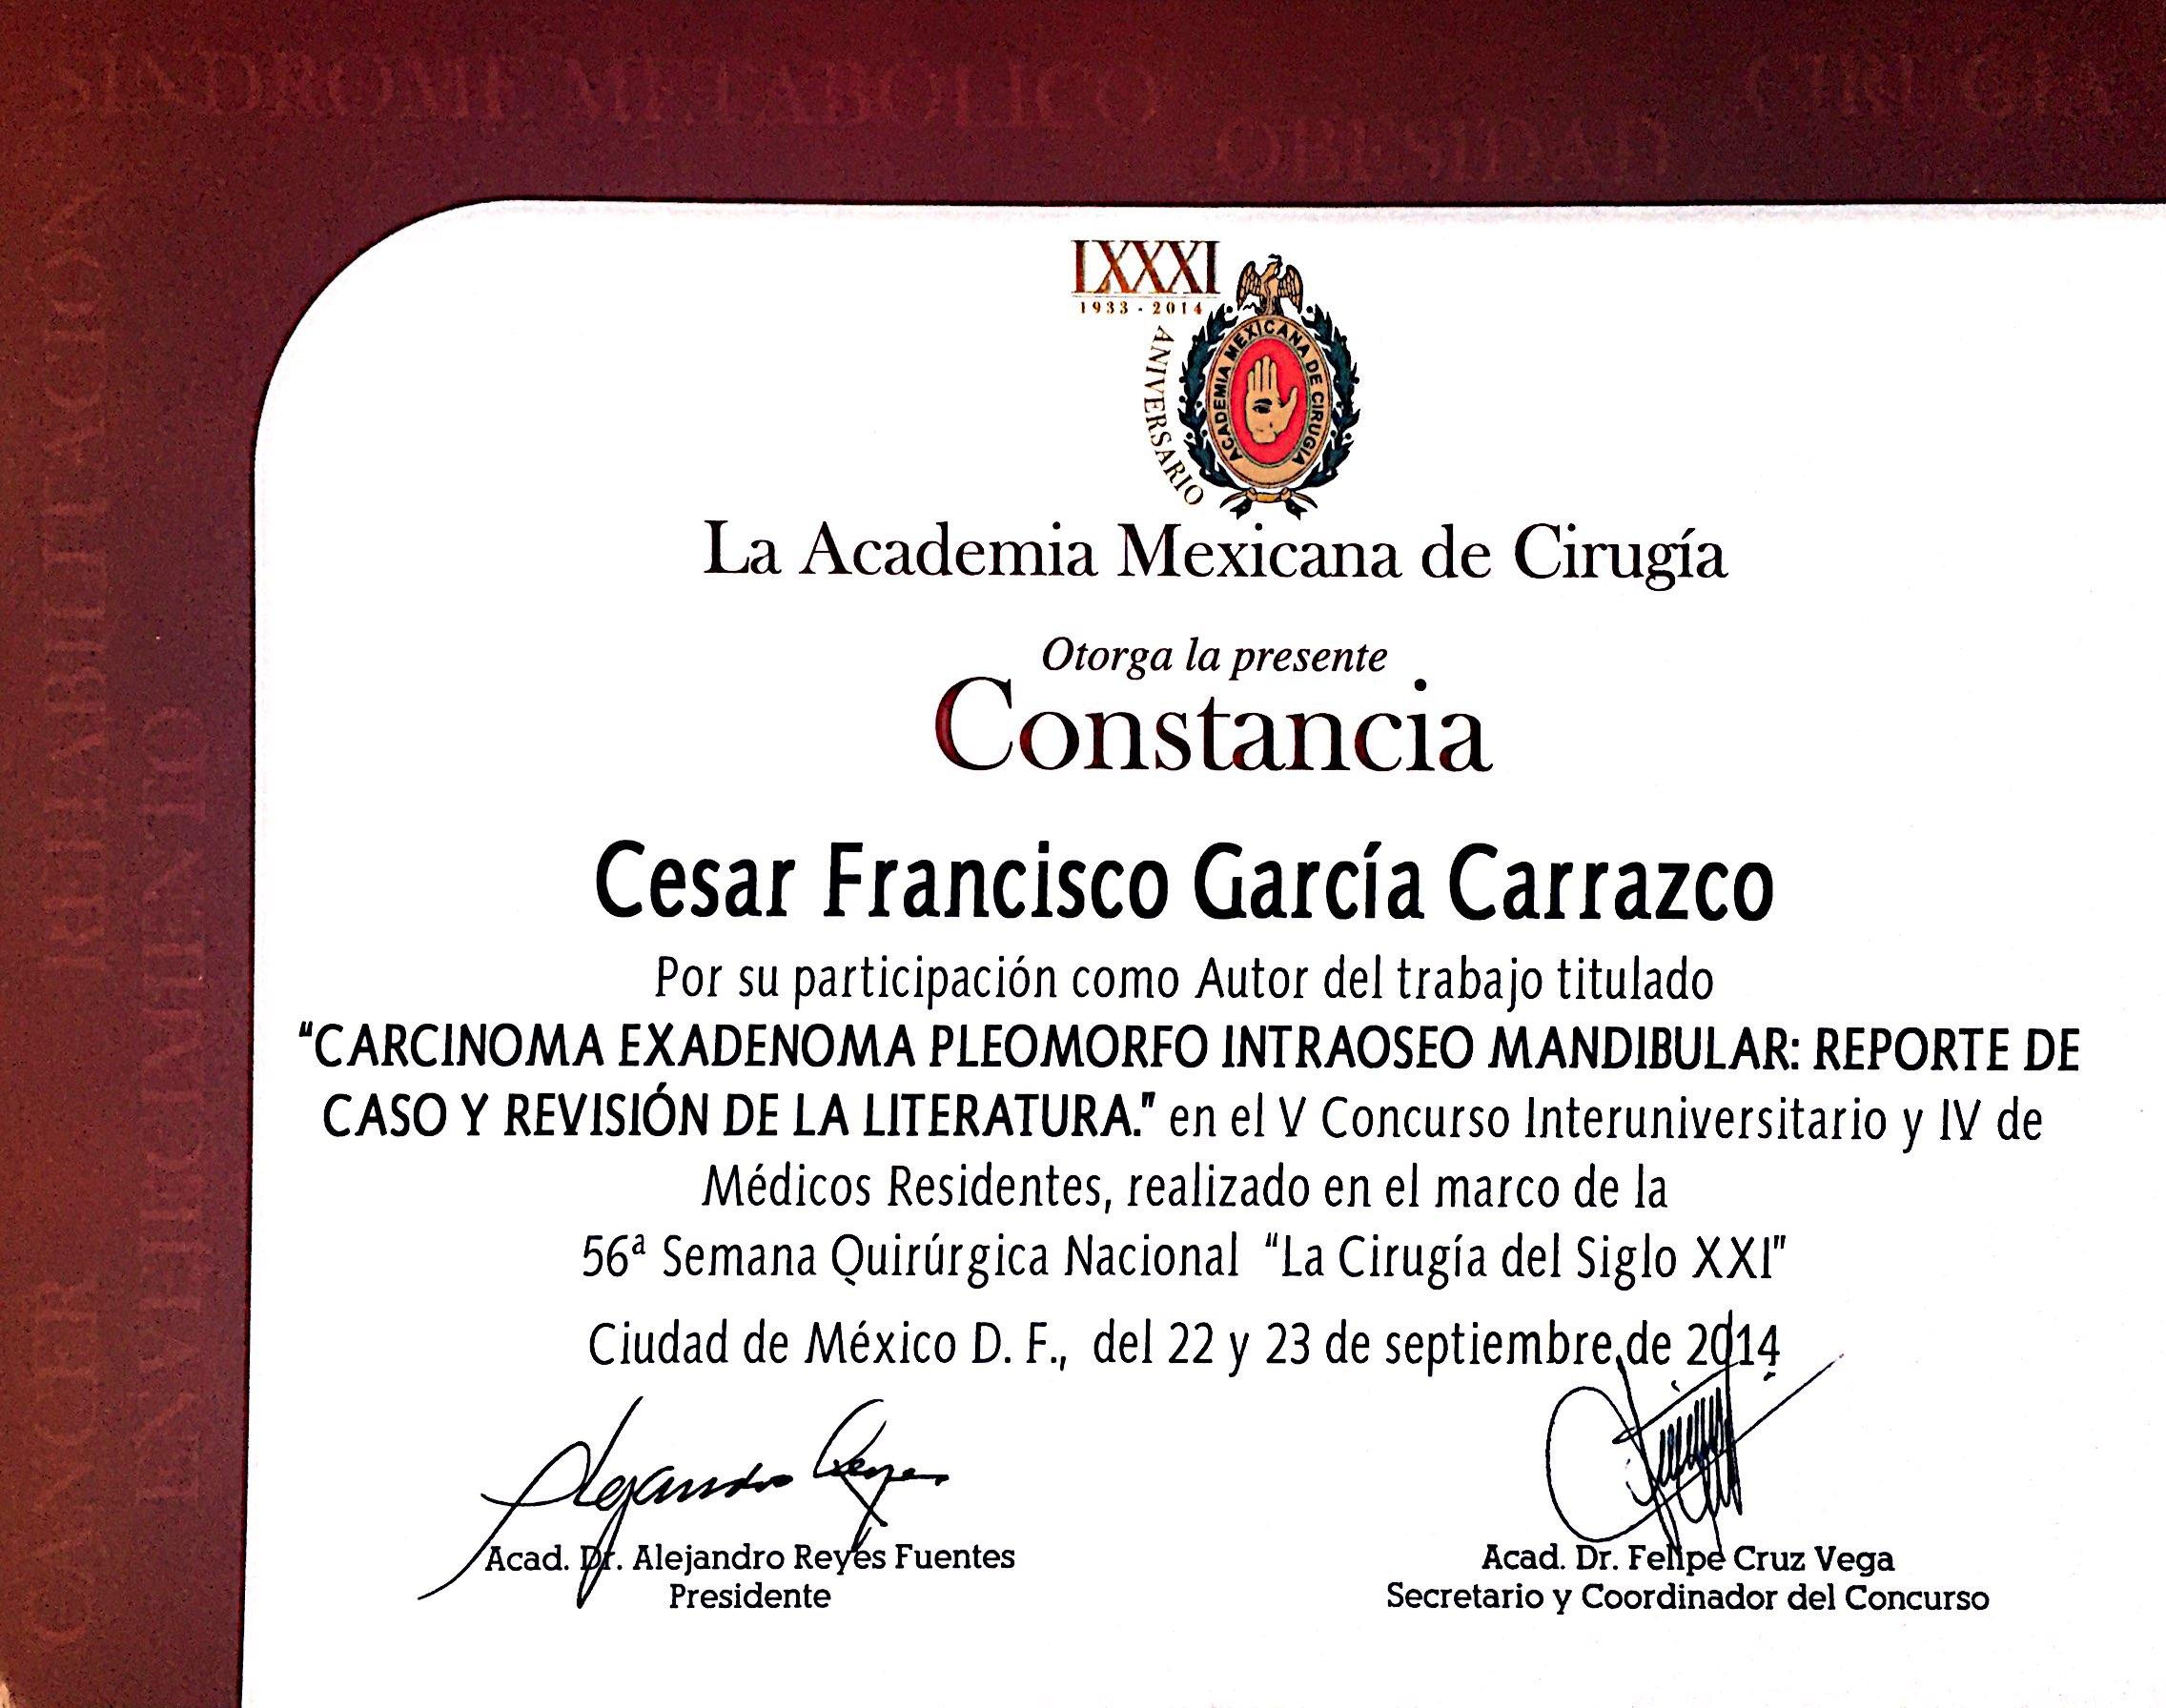 Dr. Garcia Carrazco_82